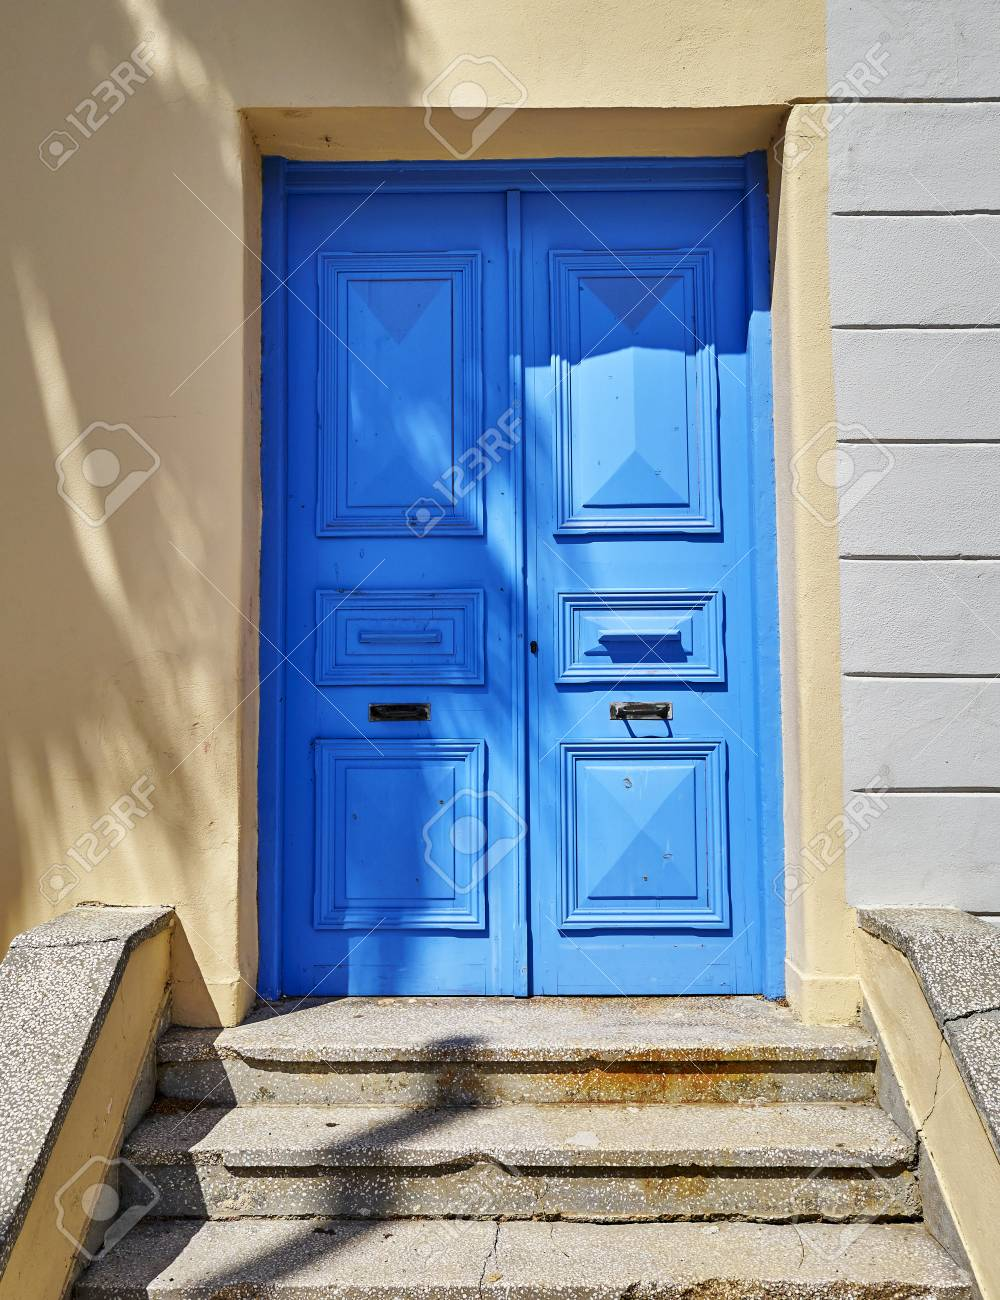 Entrée De Maison Avec Marche entrée de la maison avec porte bleue et marches